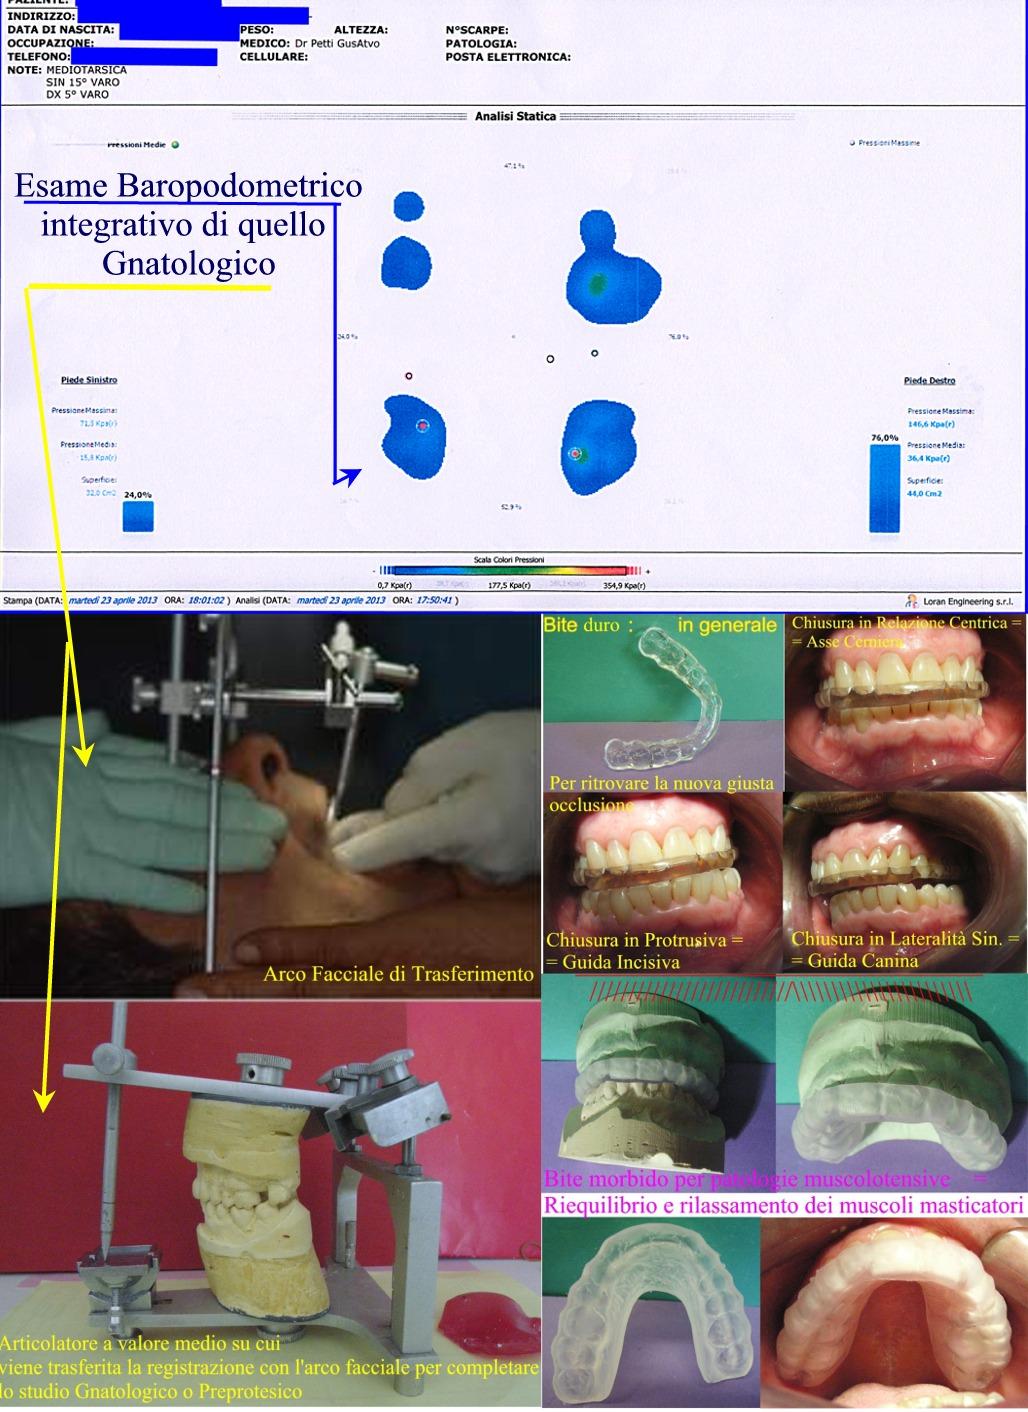 Esame Stabilometrico Computerizzato, Arco Facciale di Trasferimento, Aricolatore a valore Medio, diversi tipi di bite, come parte di esami Gnatologici. Da Dr. Gustavo Petti Parodontologo Gnatologo di Cagliari e Riabilitatore Orale in Casi Clinici Complessi